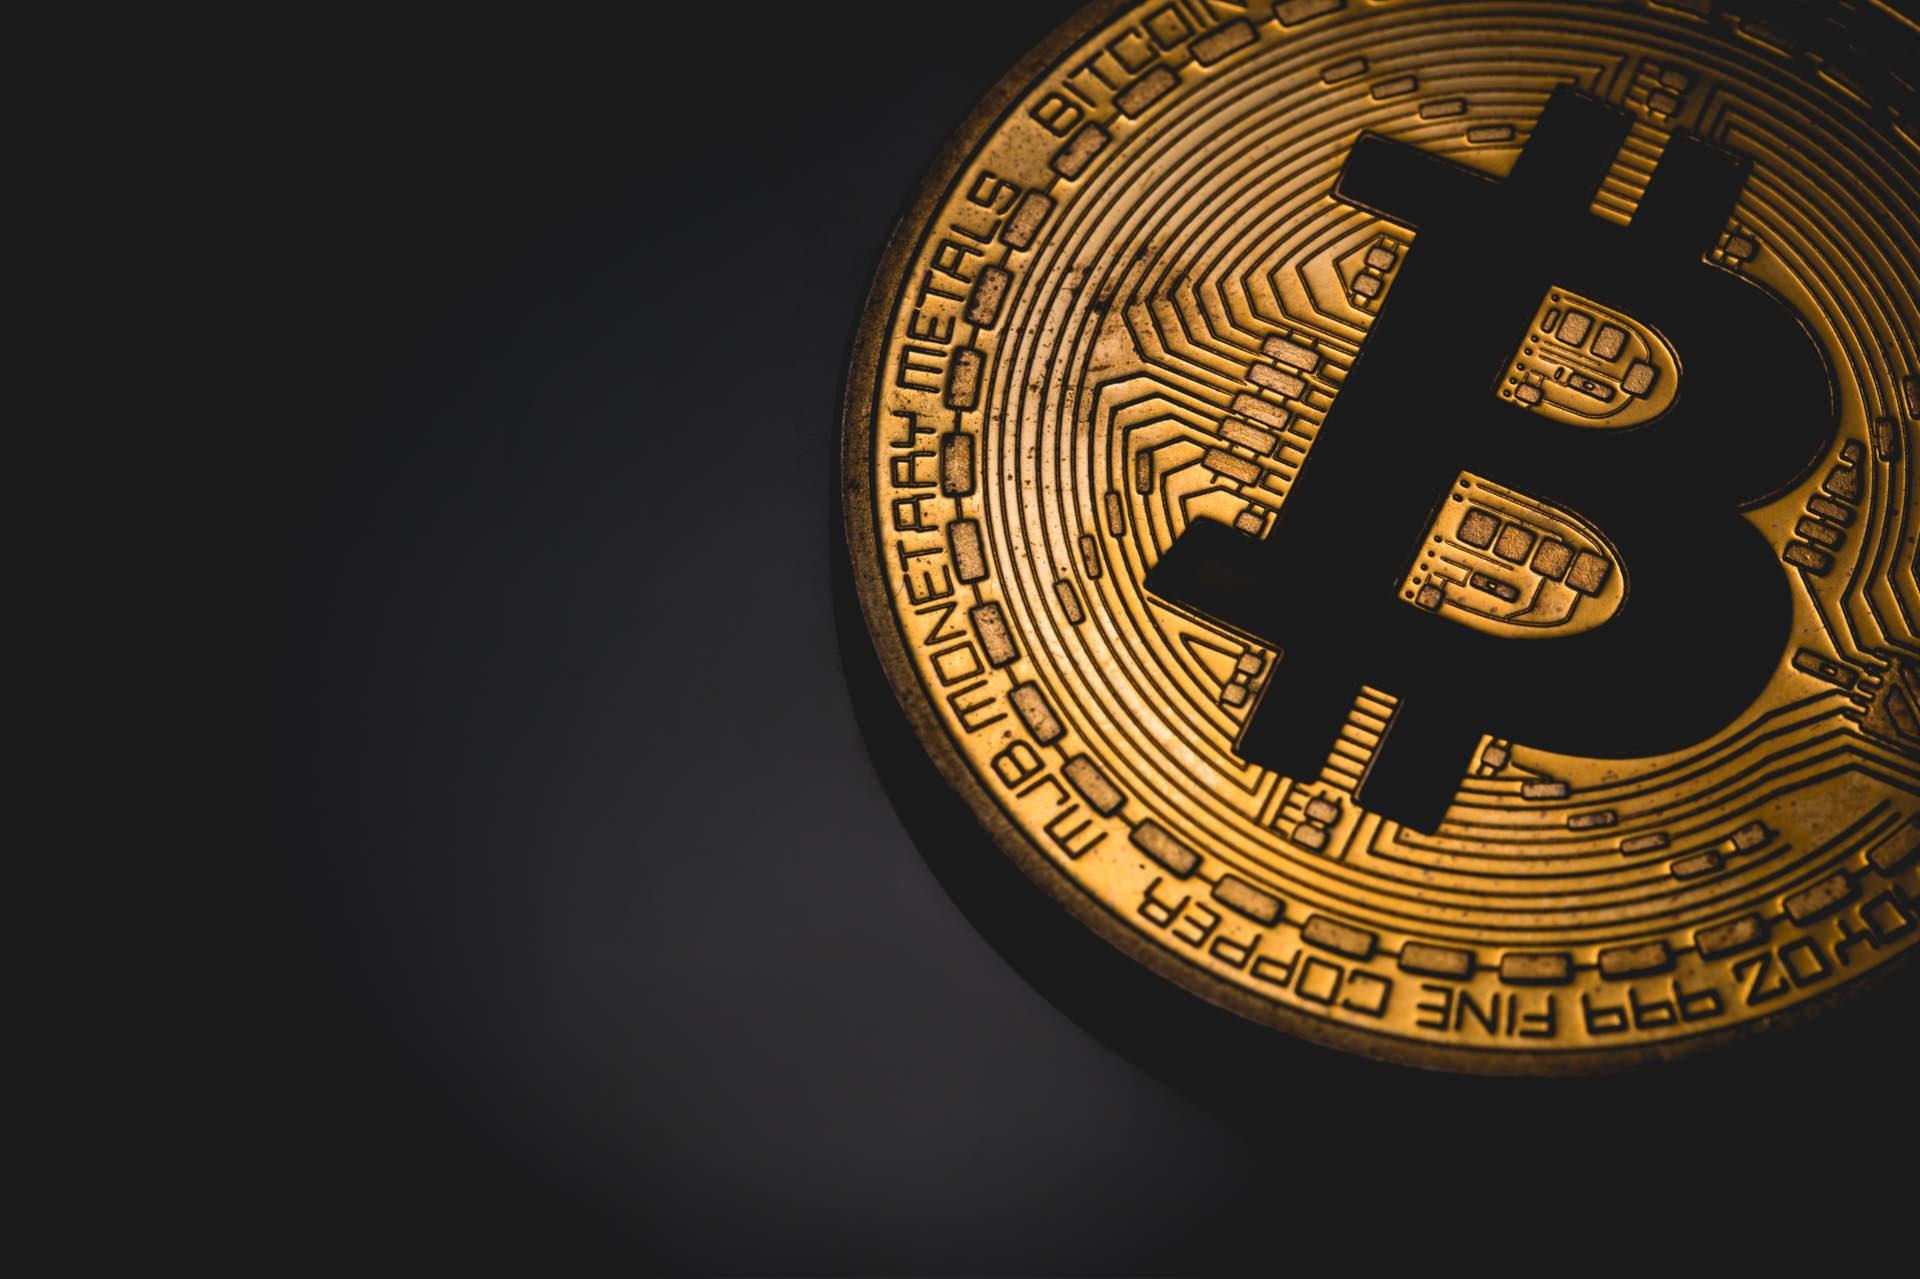 Líderes del Fintech predicen que Bitcoin cerrará el 2019 cerca de los 9500 dólares americanos